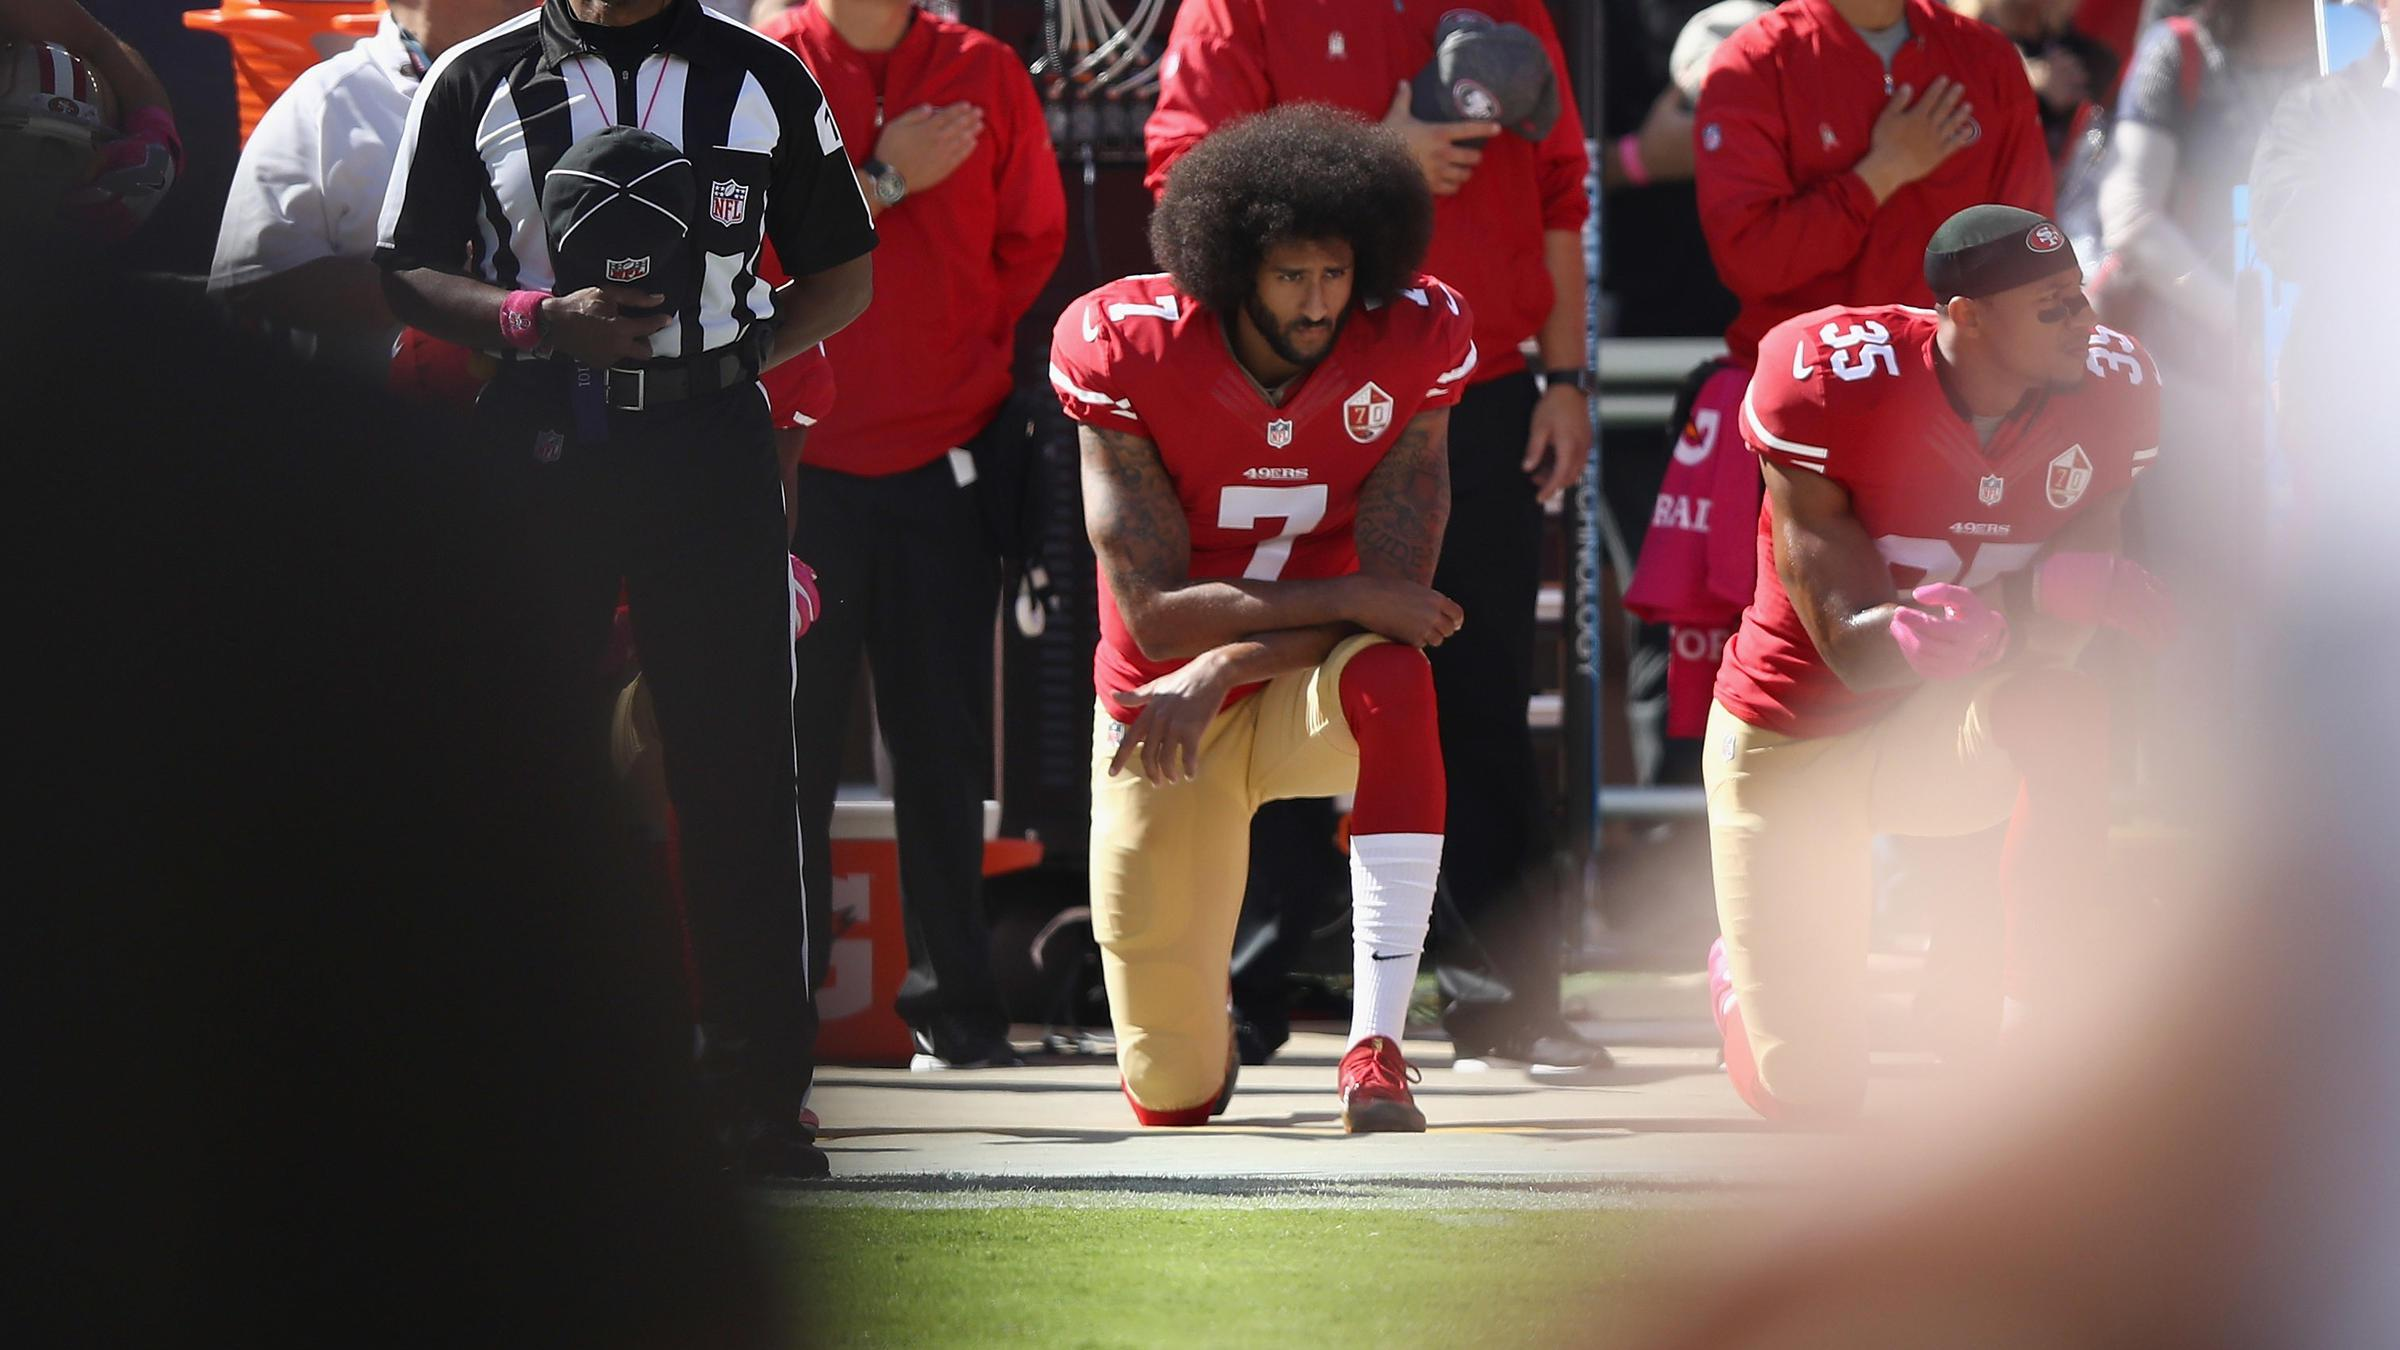 库里和格林都忍不了…难唱到炸的美国国歌,在体育场里导演无数车祸现场